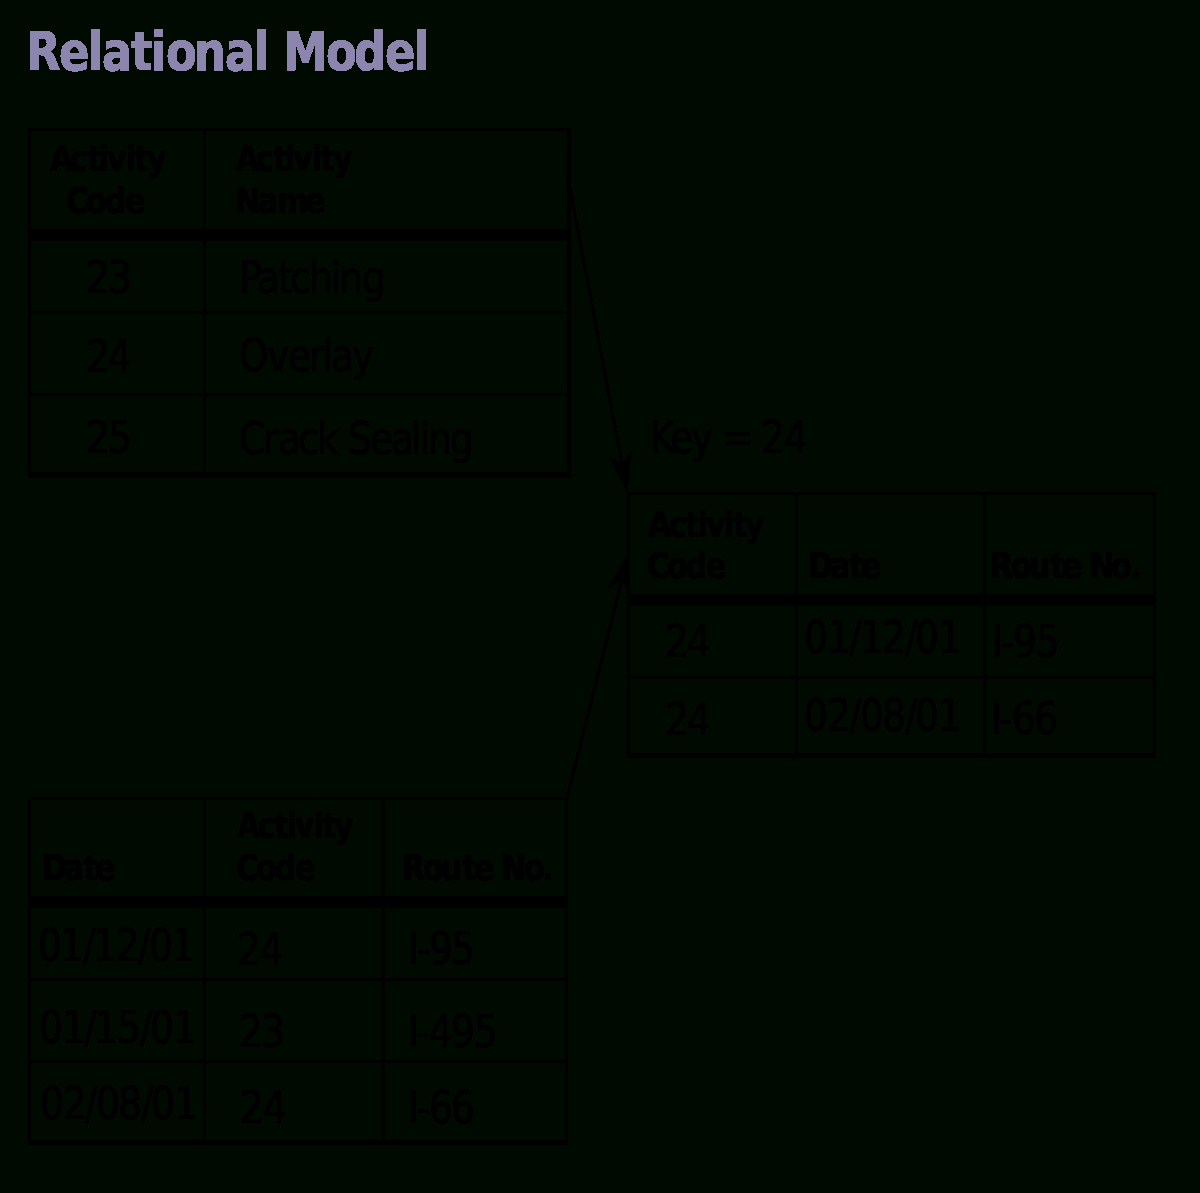 Relational Data Model Diagram